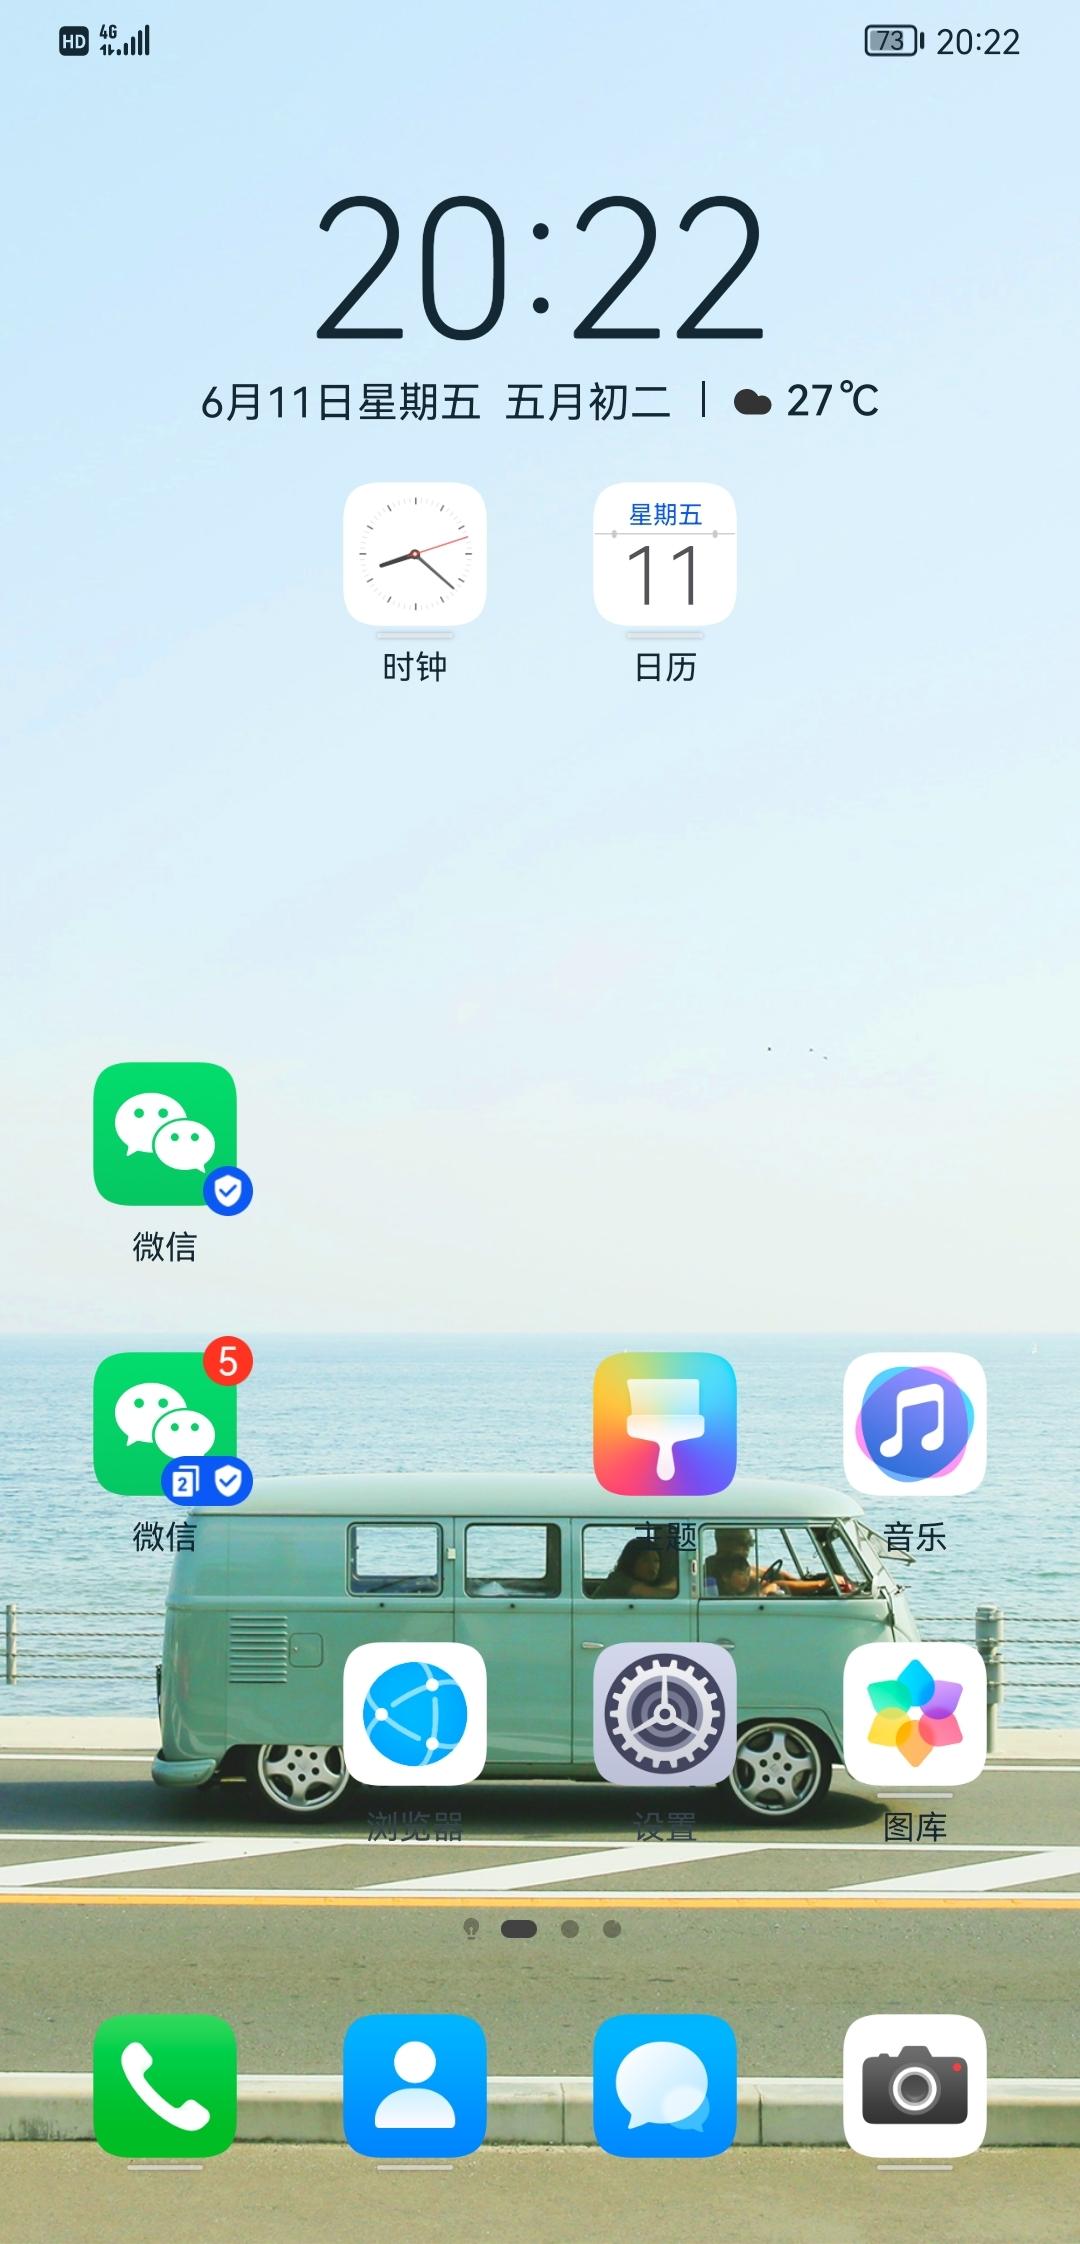 Screenshot_20210611_202213_com.huawei.android.launcher.jpg